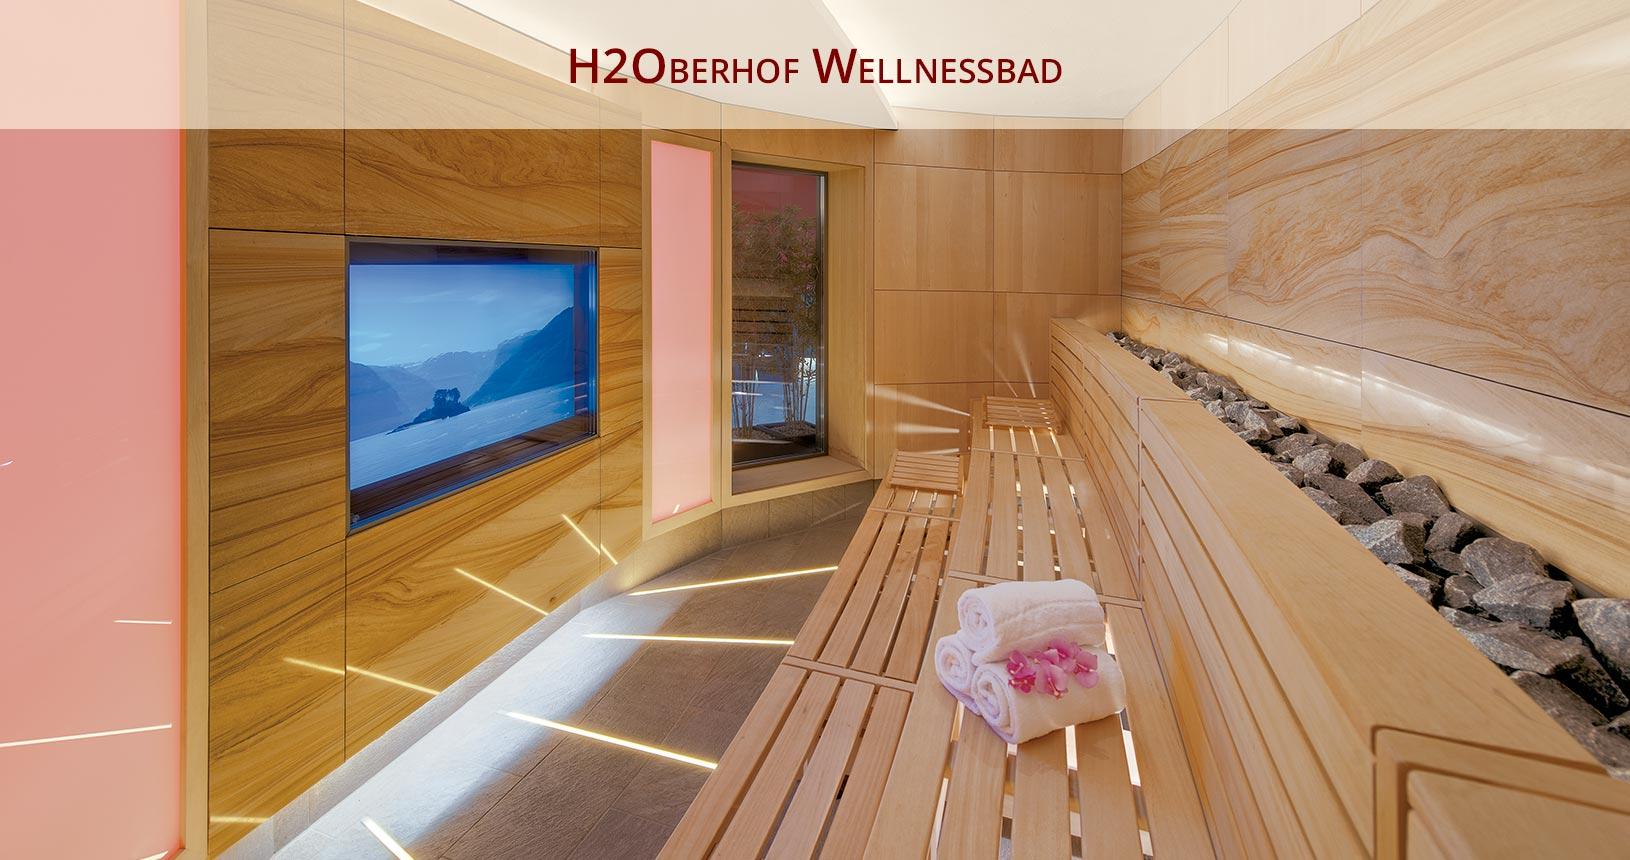 H2Oberhof Wellnessbad Blick in die Naturprojektionssauna